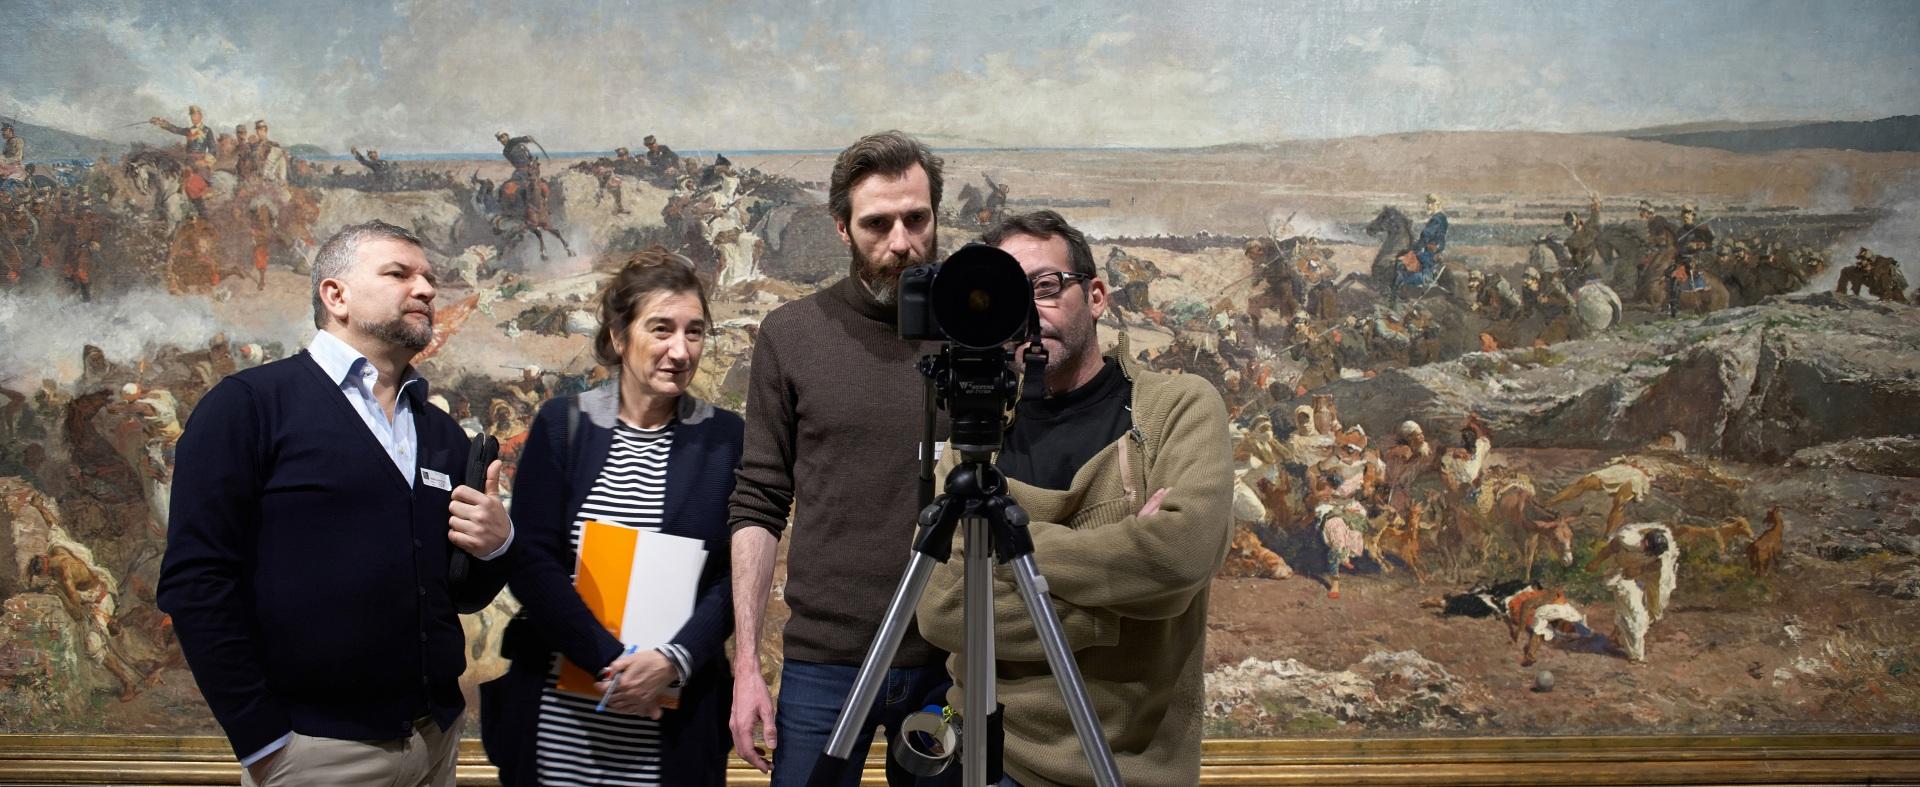 Making of de documental. Productor, director, ayudante de dirección y director de fotografía detrás de la cámara delante de cuadro de paisaje en guerra en el Museu Nacional d\'Art de Catalunya.